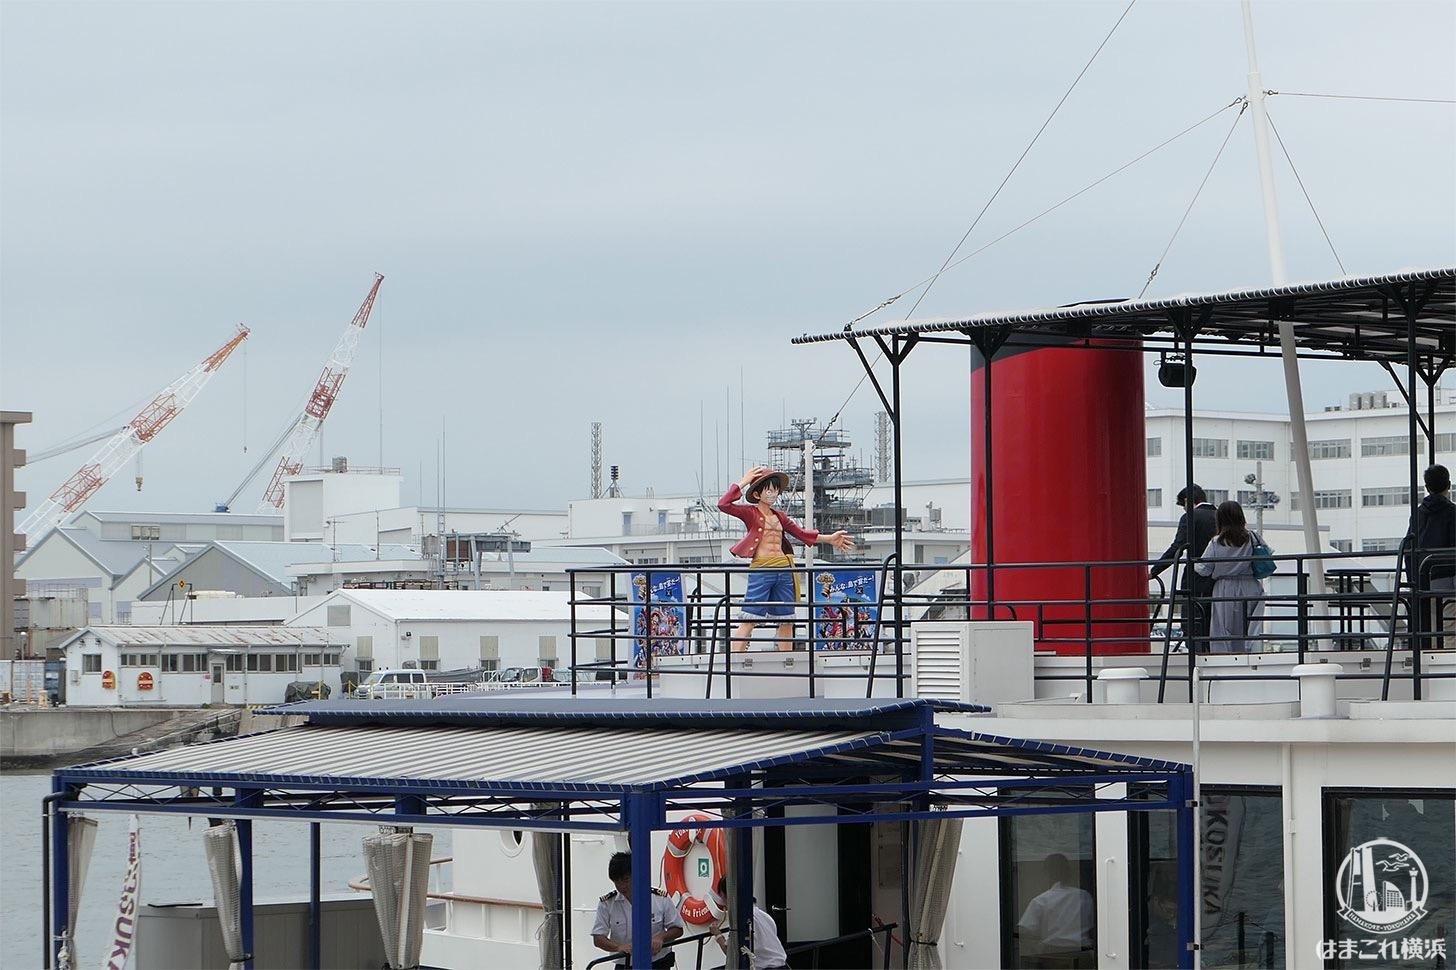 軍港めぐりに使用する船の上のルフィ